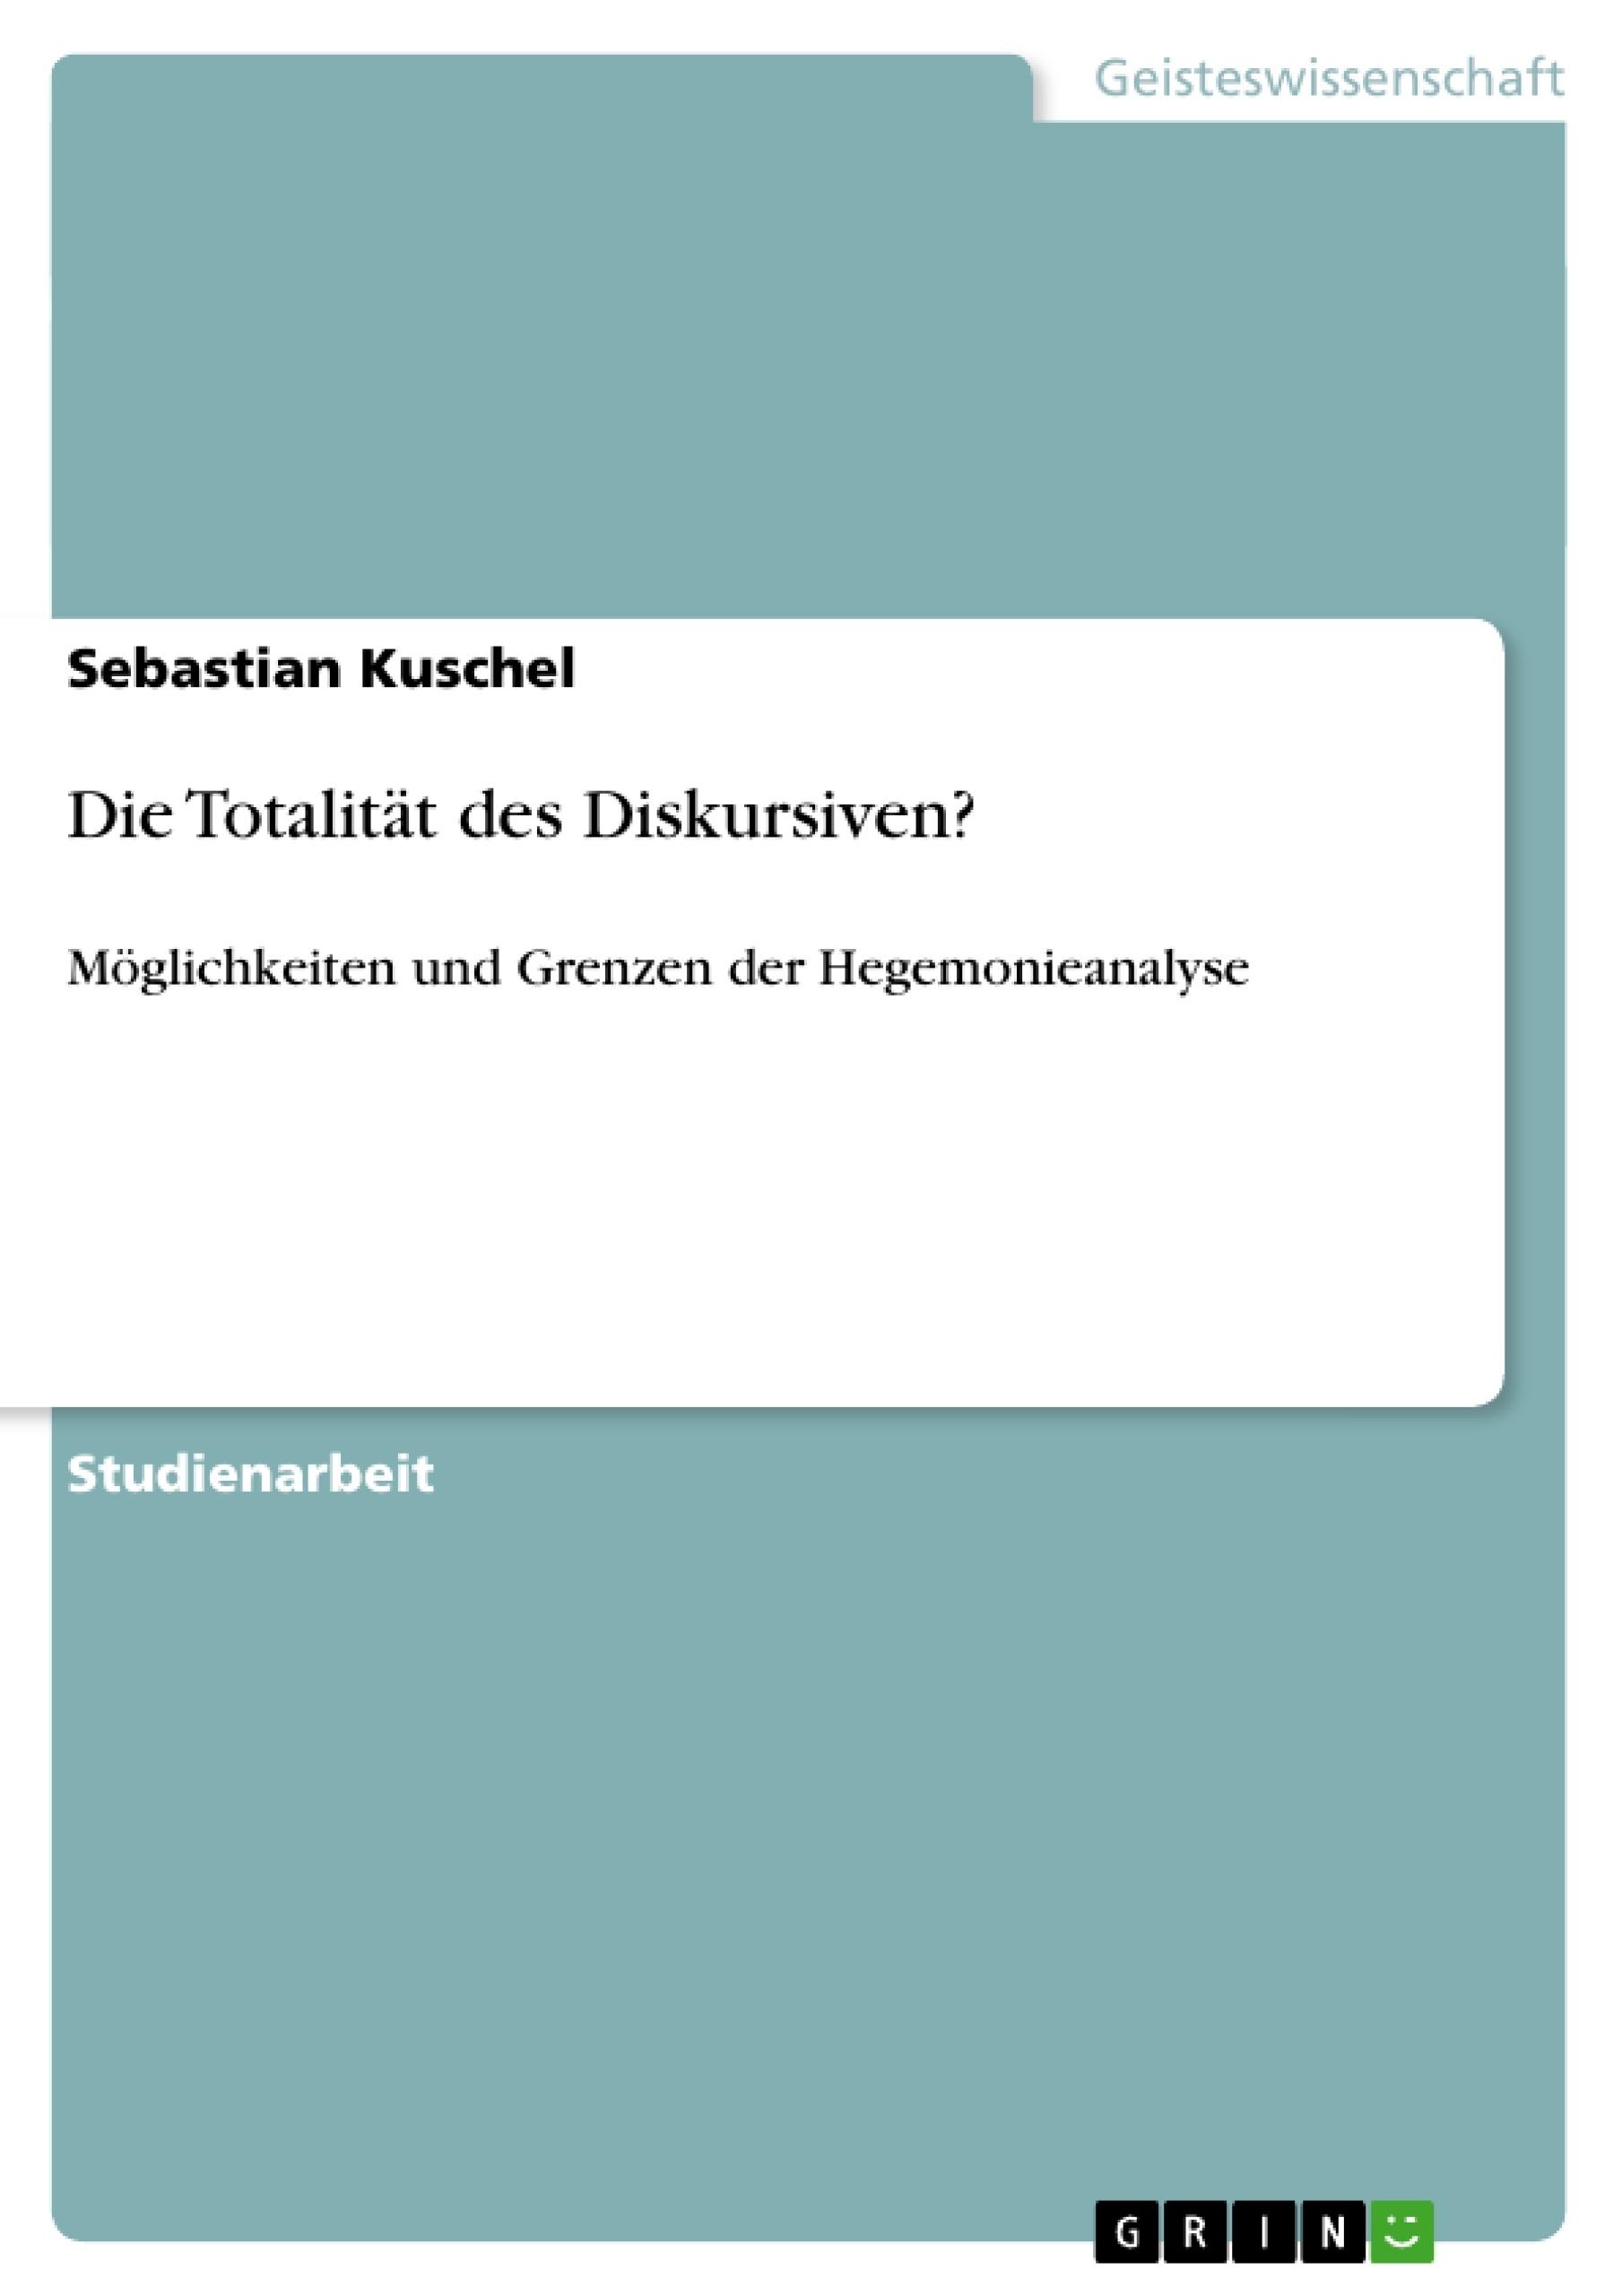 Titel: Die Totalität des Diskursiven?